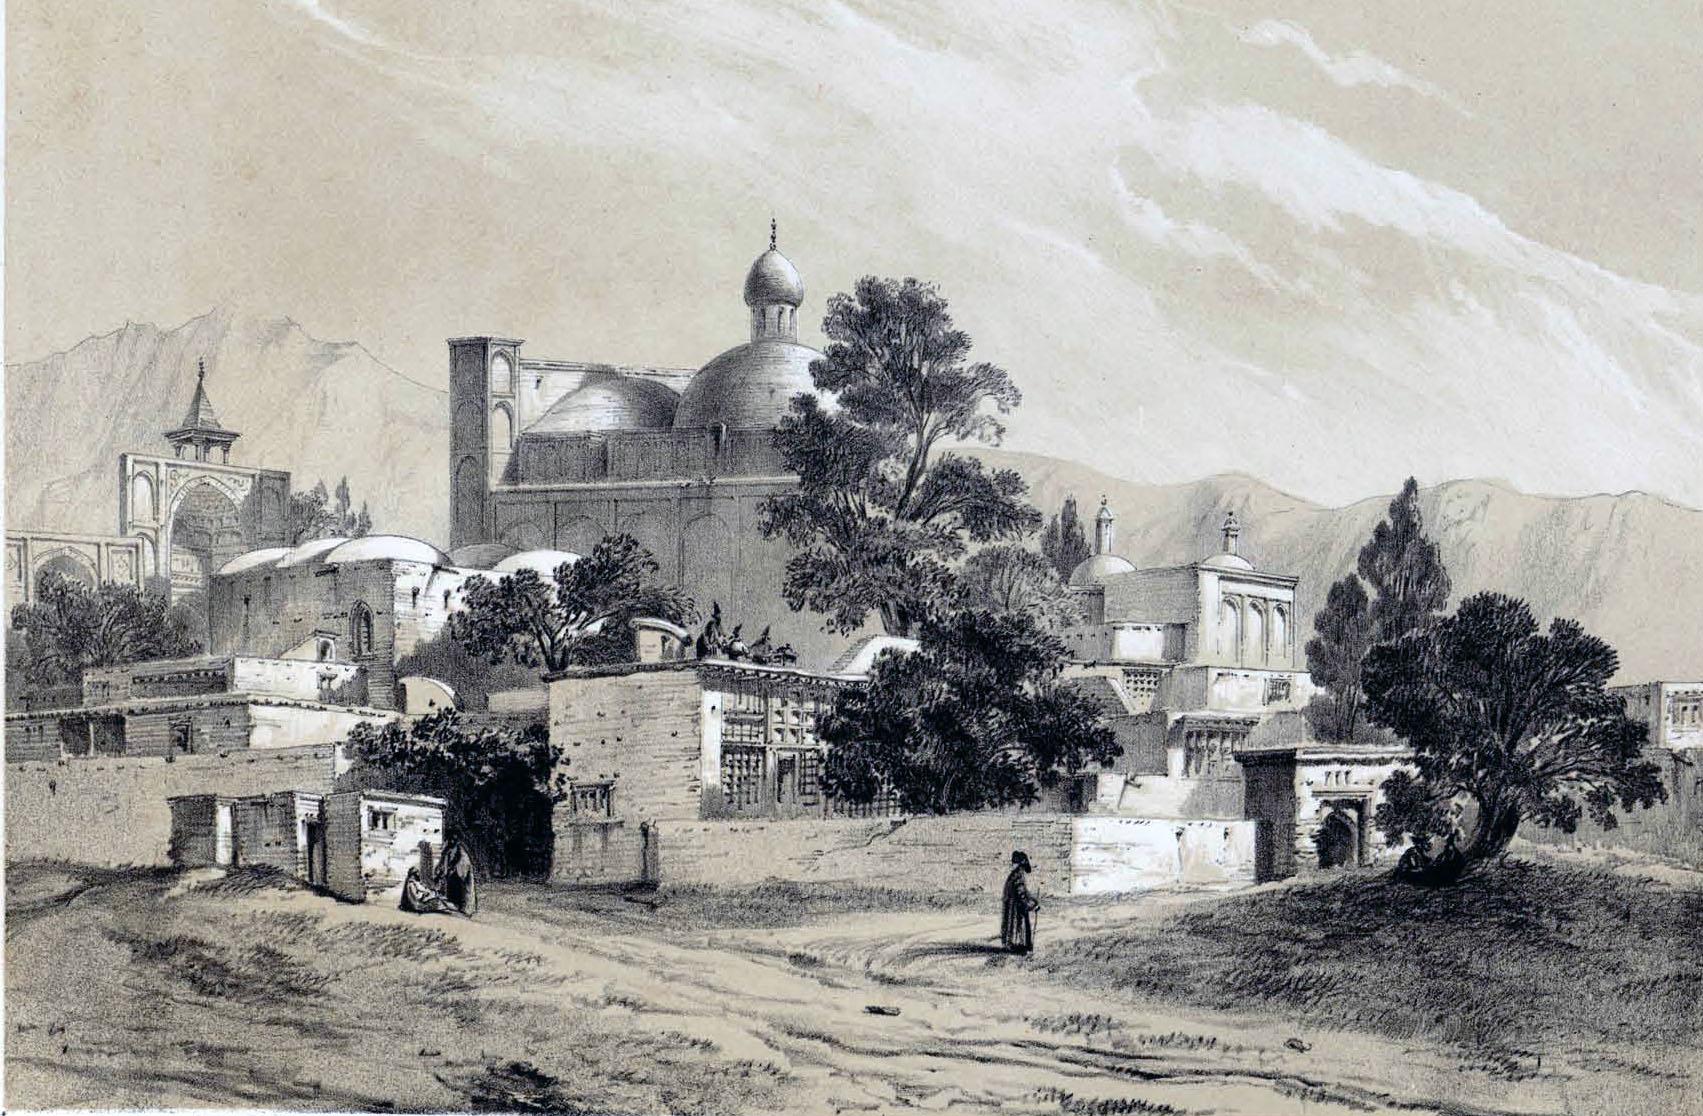 مسجد سلطانی(امام) بروجرد اثر نقاش فرانسوی، اوژن فلاندن